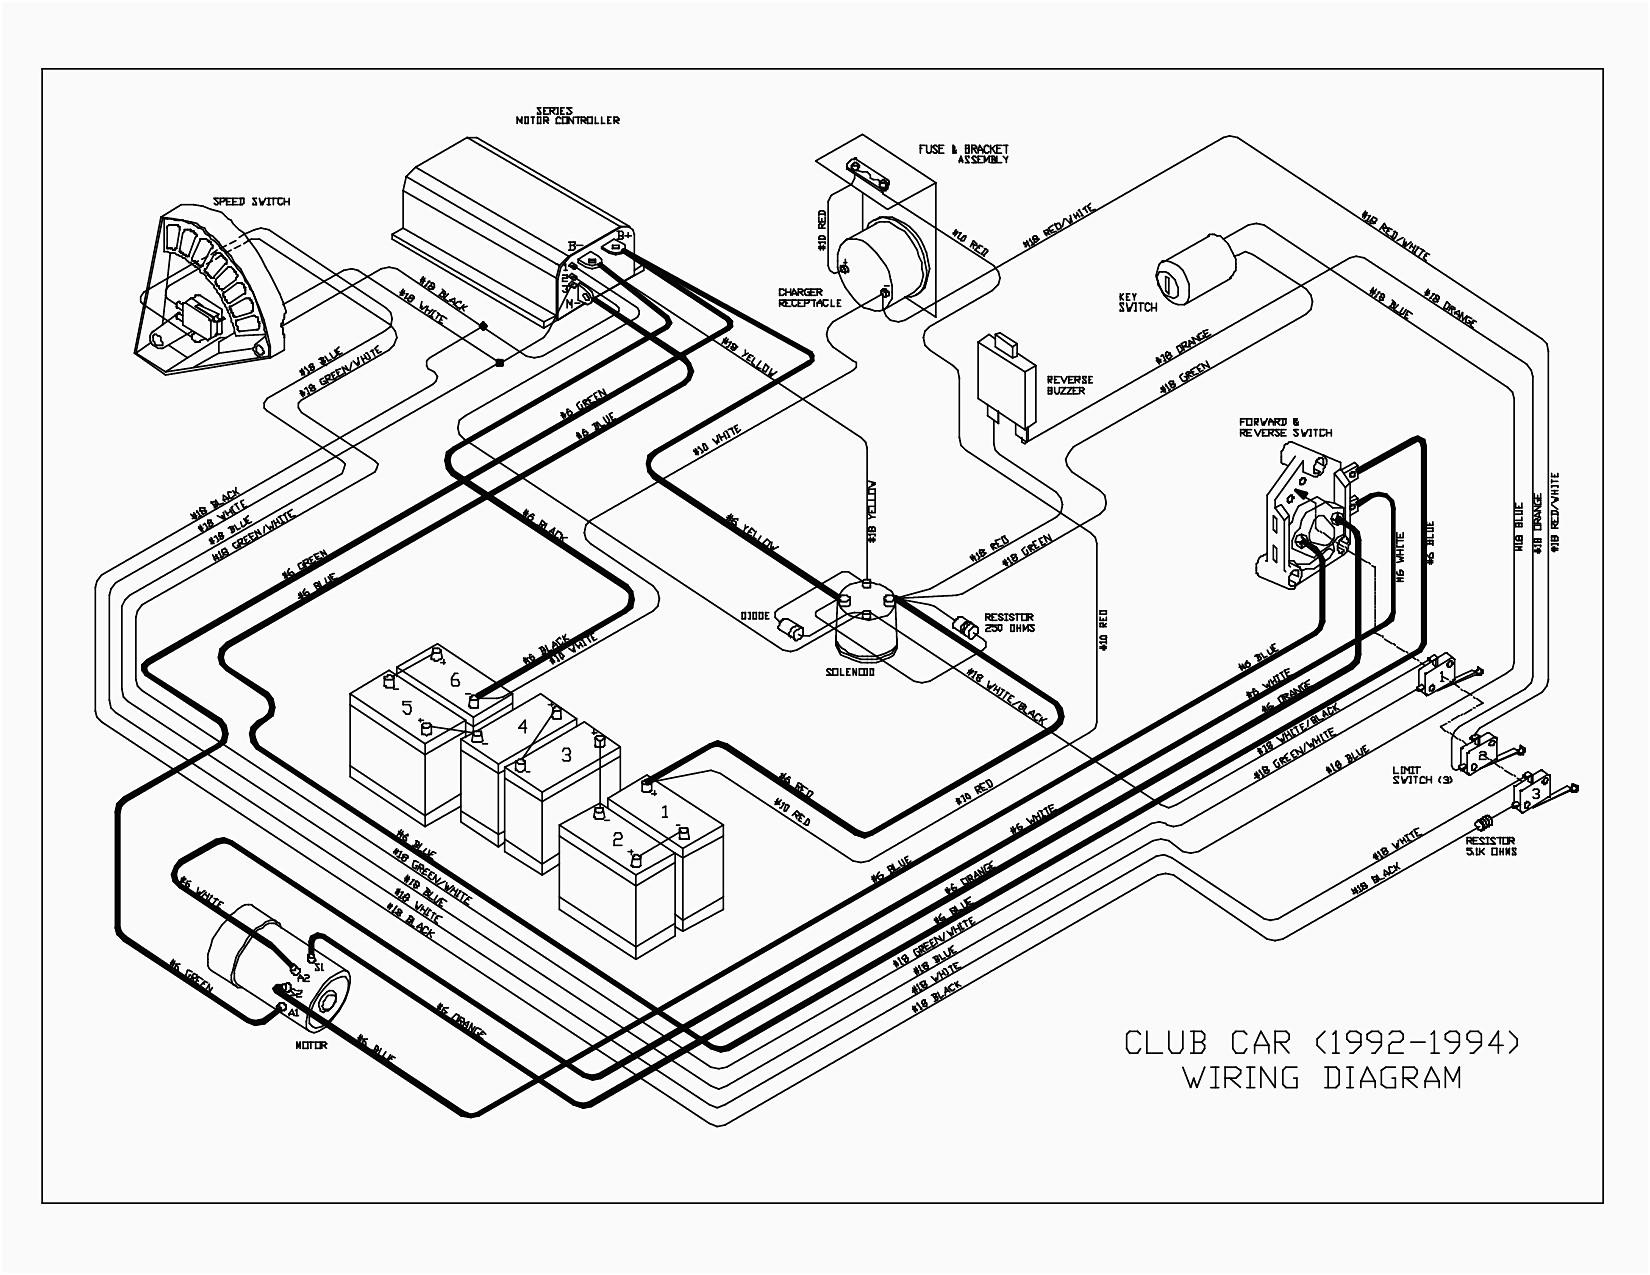 Array parts manual for club car golf cart my wiring diagram rh detoxicrecenze